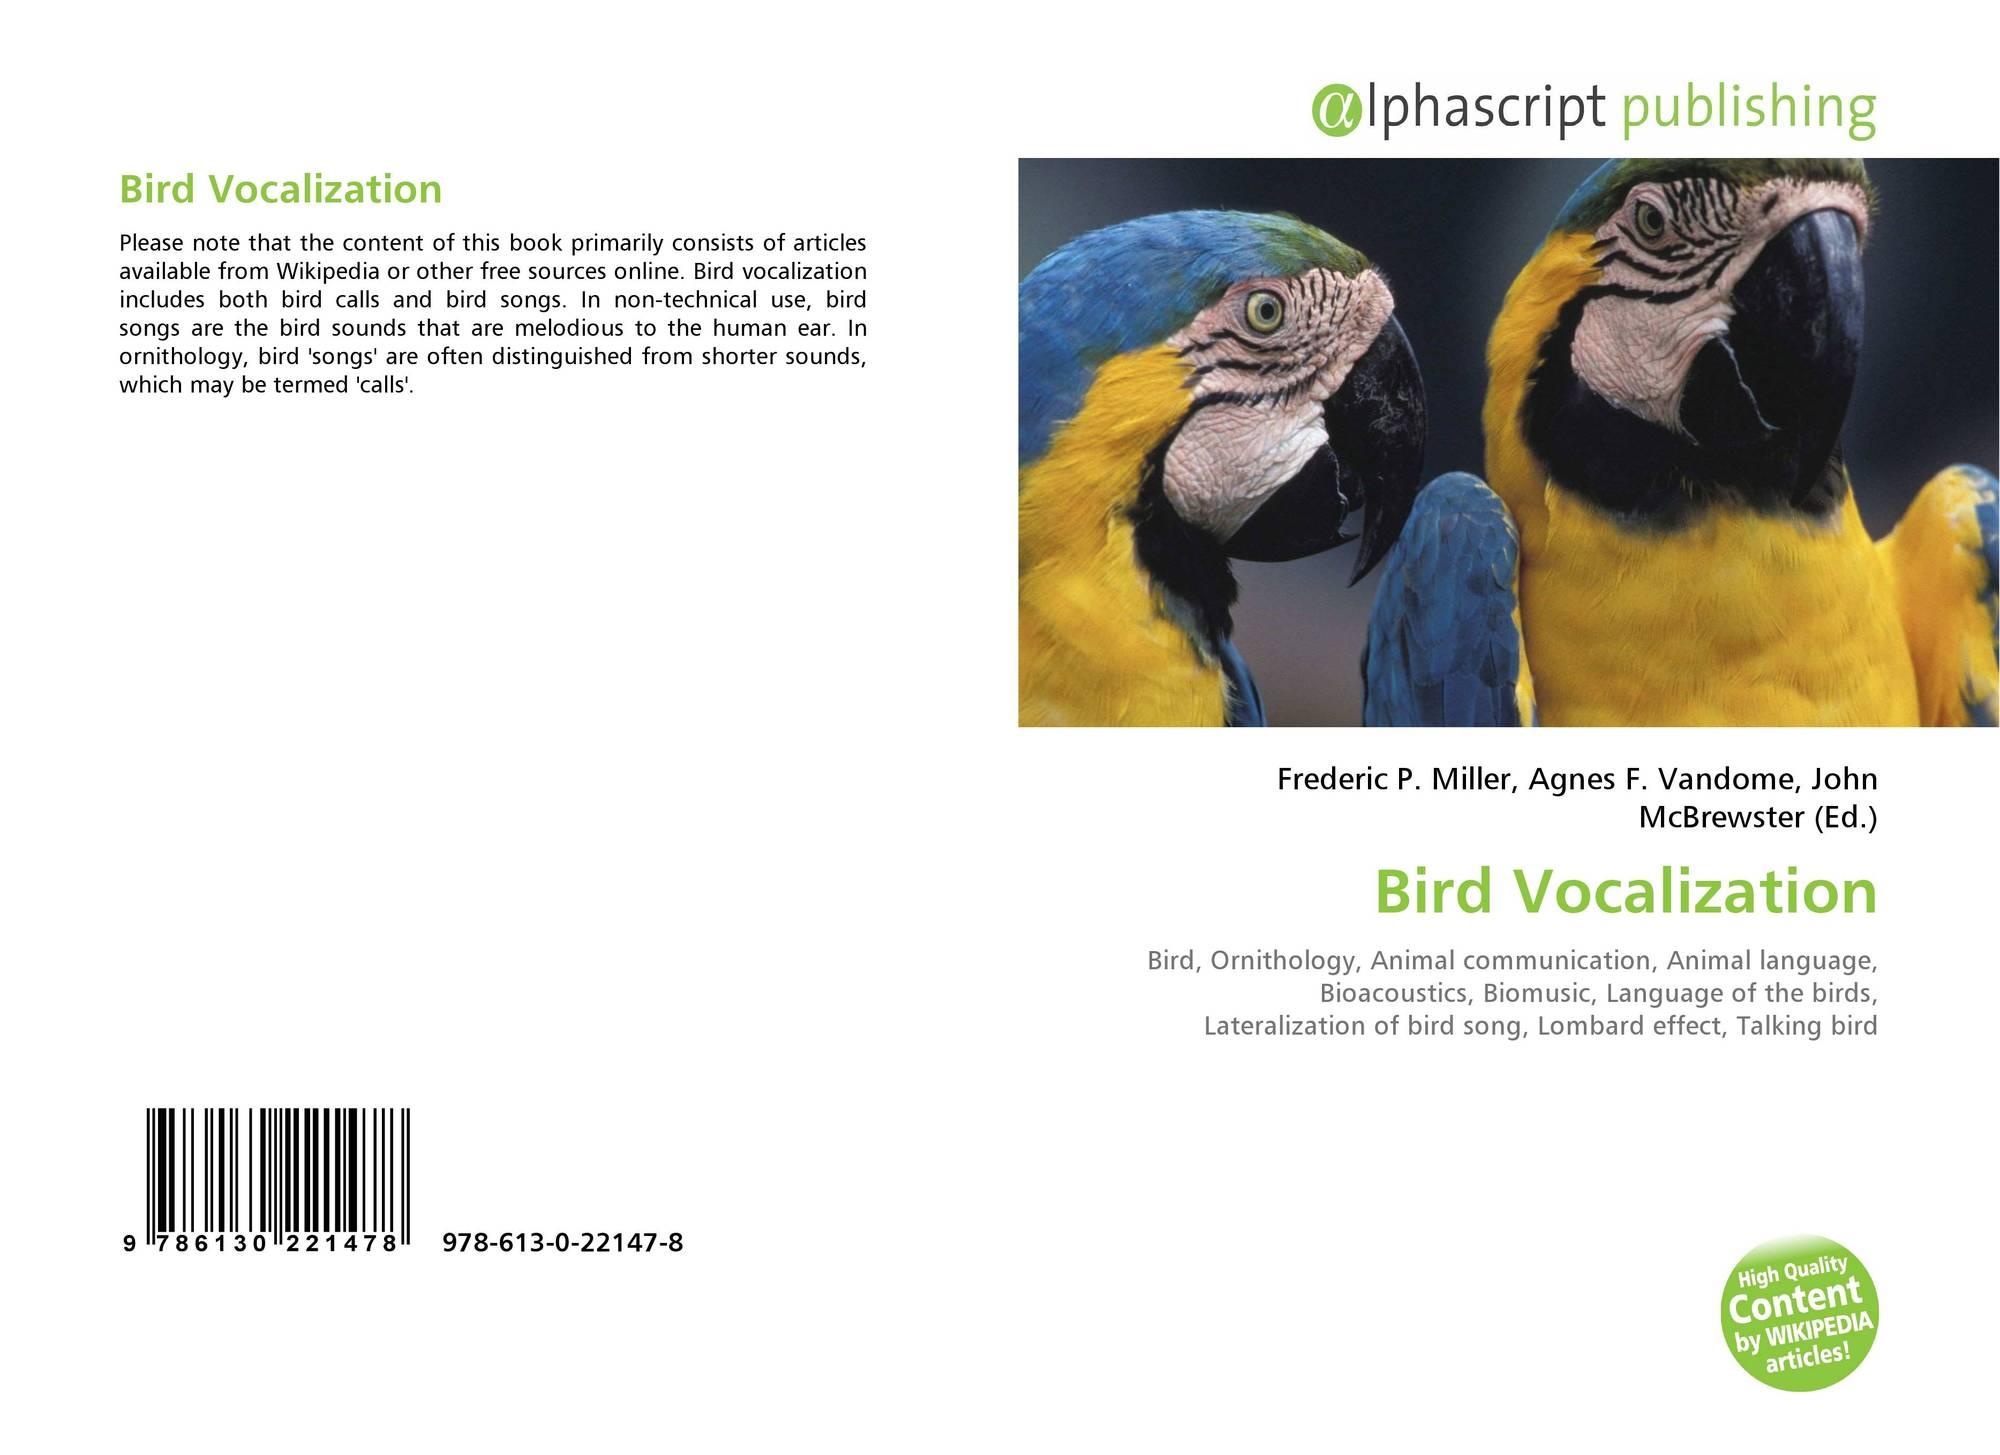 Bird Vocalization, 978-613-0-22147-8, 6130221479 ,9786130221478